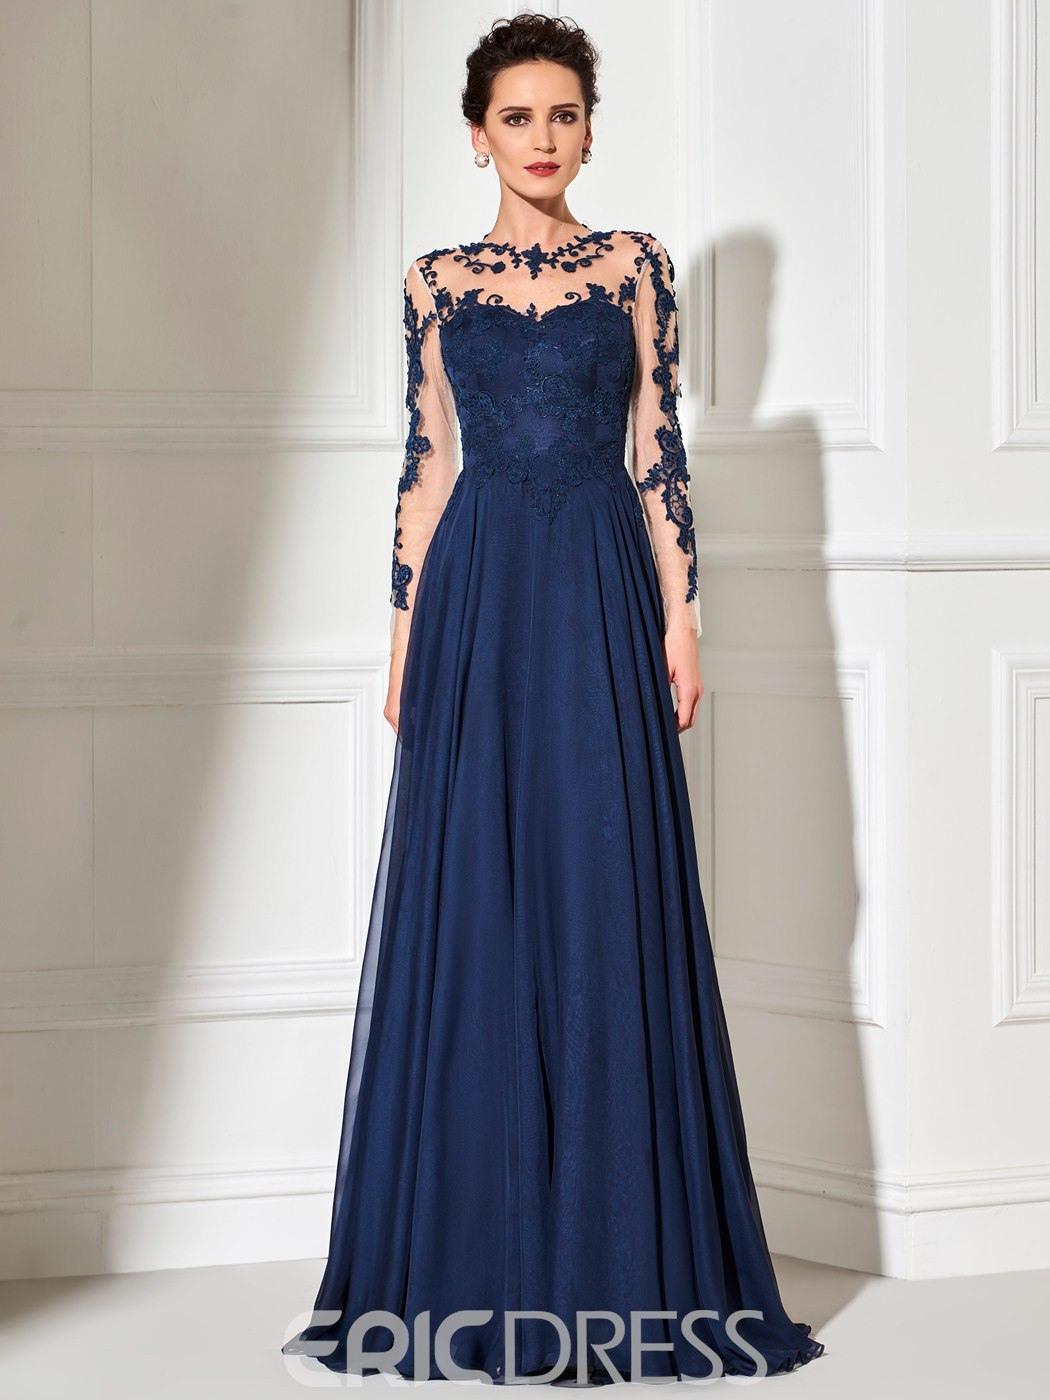 Genial Elegantes Abendkleid Lang GalerieFormal Schön Elegantes Abendkleid Lang Galerie